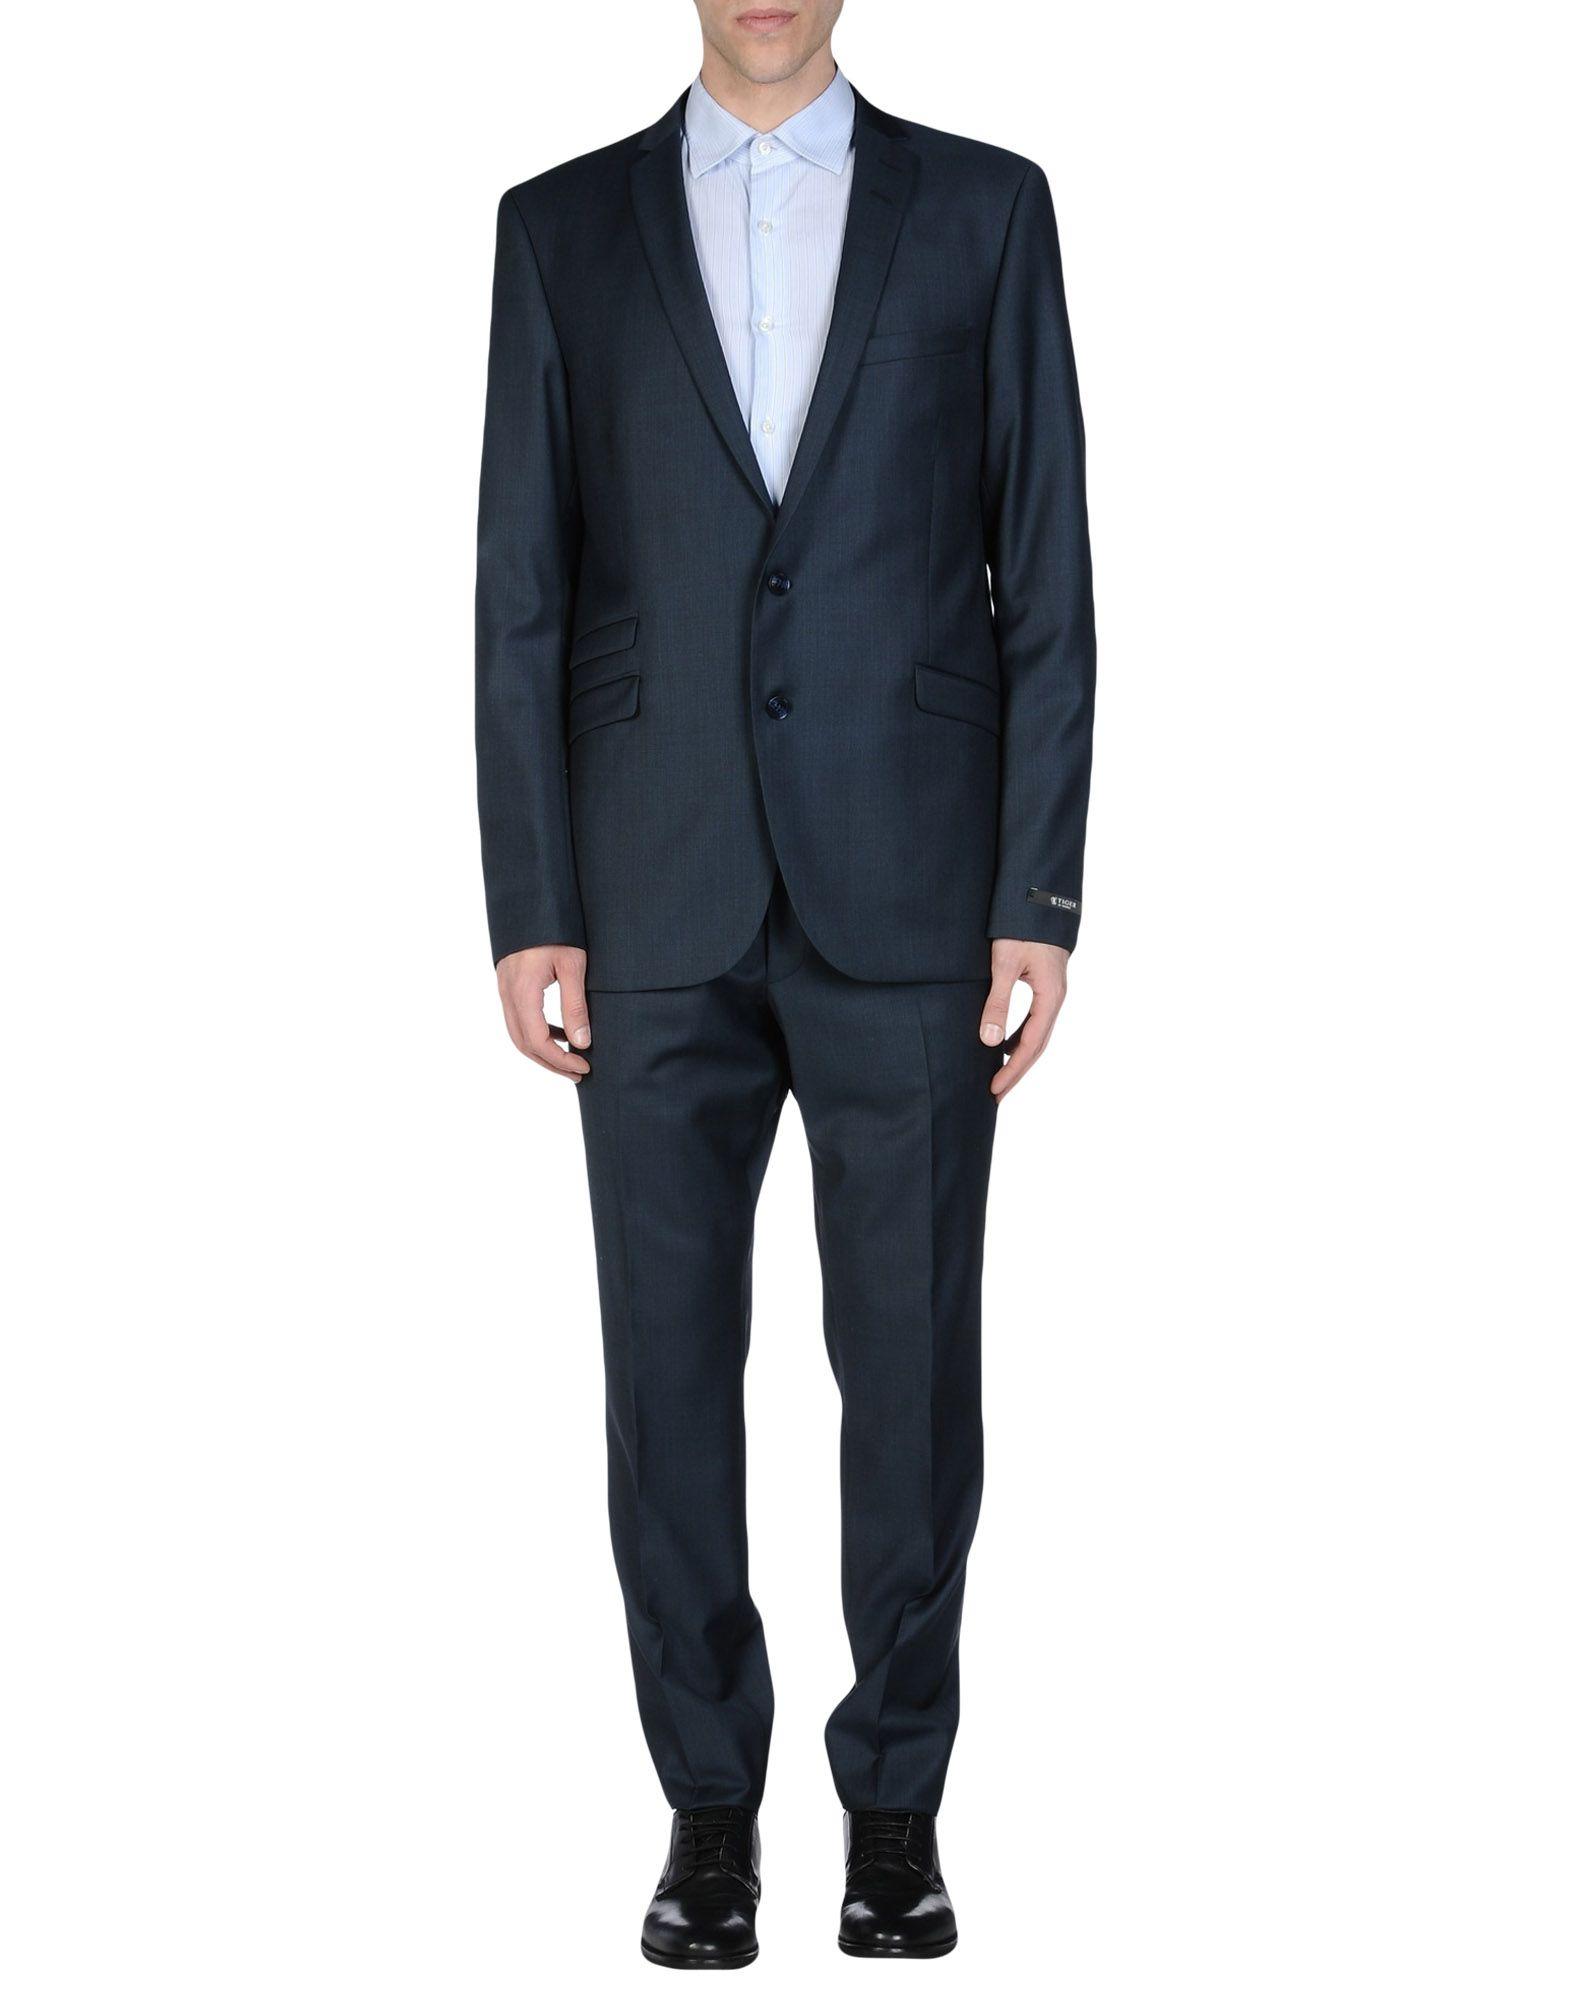 TIGER OF SWEDEN Herren Anzug Farbe Dunkelblau Größe 7